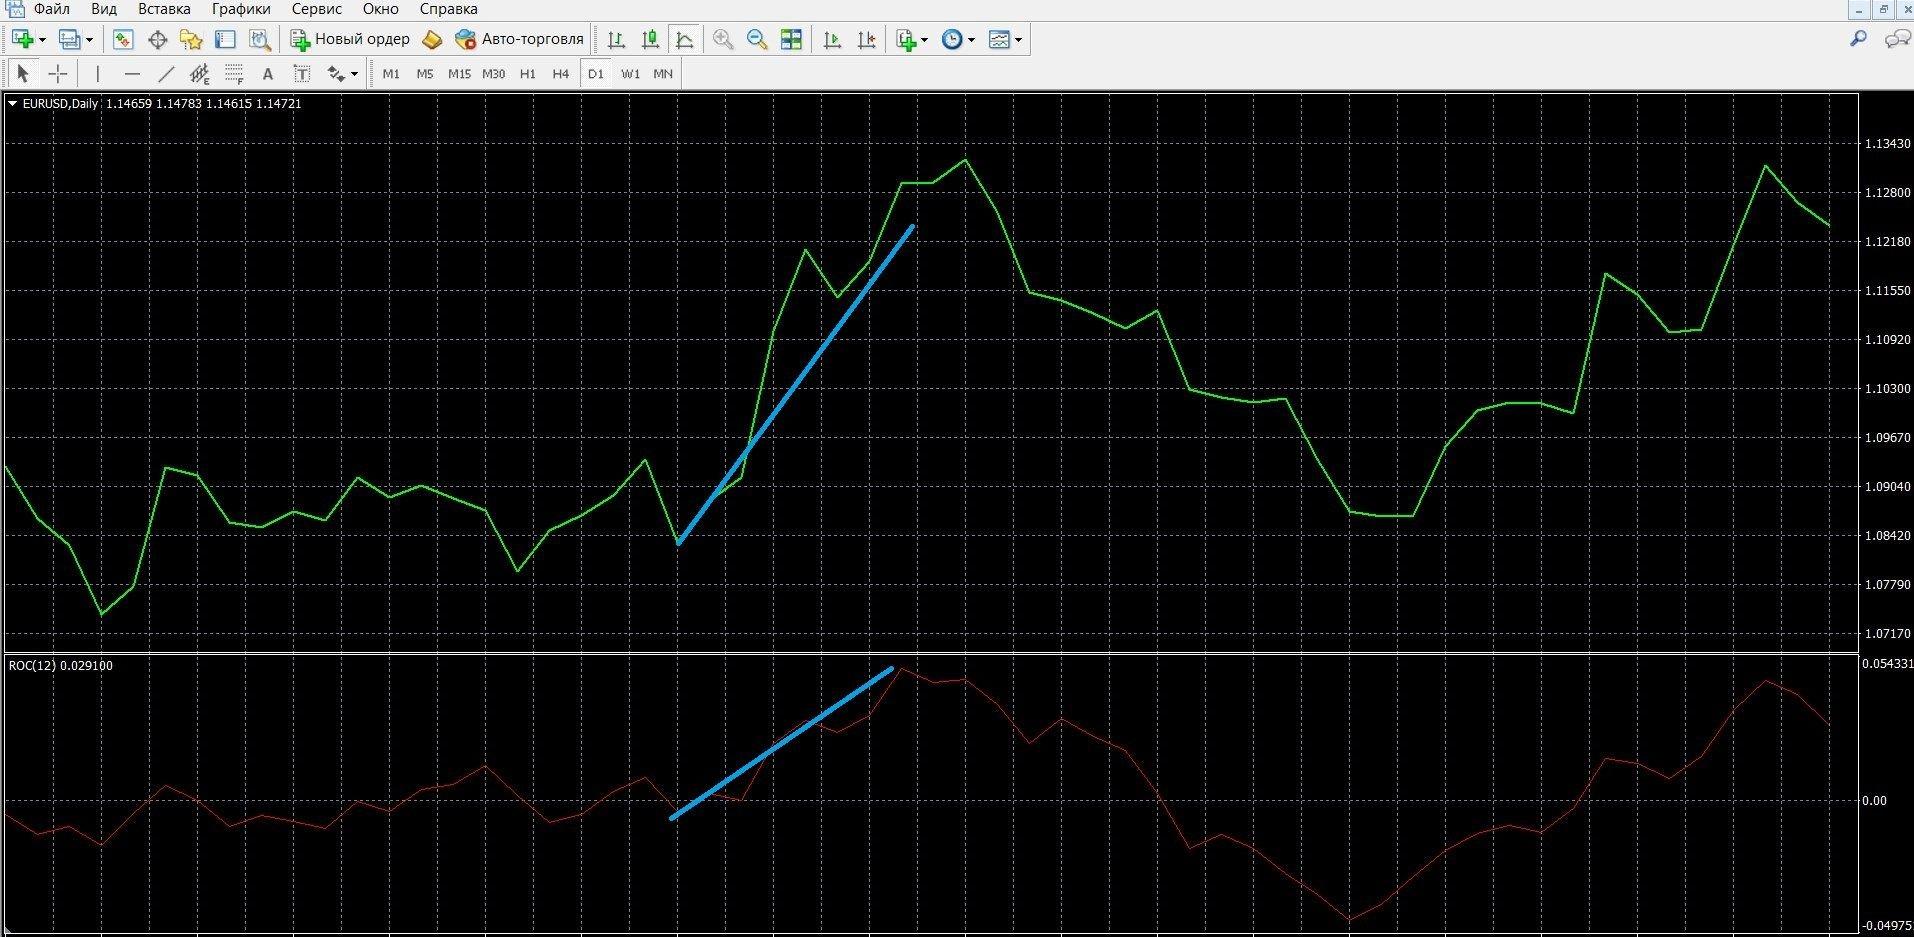 ROC: Торговля при сигнале тренда